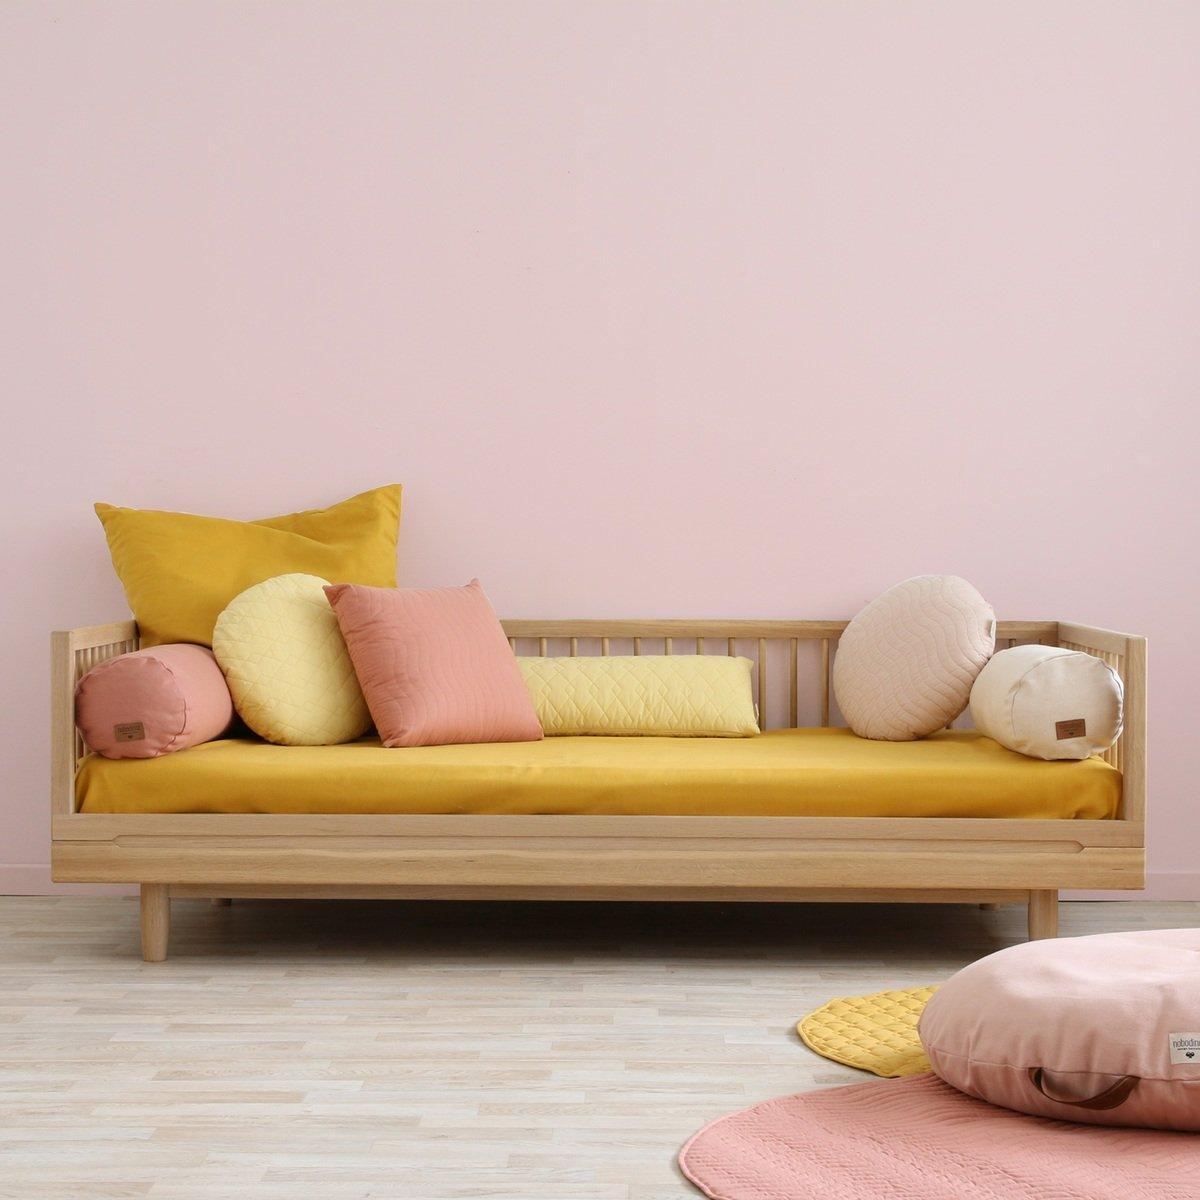 Full Size of Kinderbett Poco Bett Küche Schlafzimmer Komplett Big Sofa Betten 140x200 Wohnzimmer Kinderbett Poco